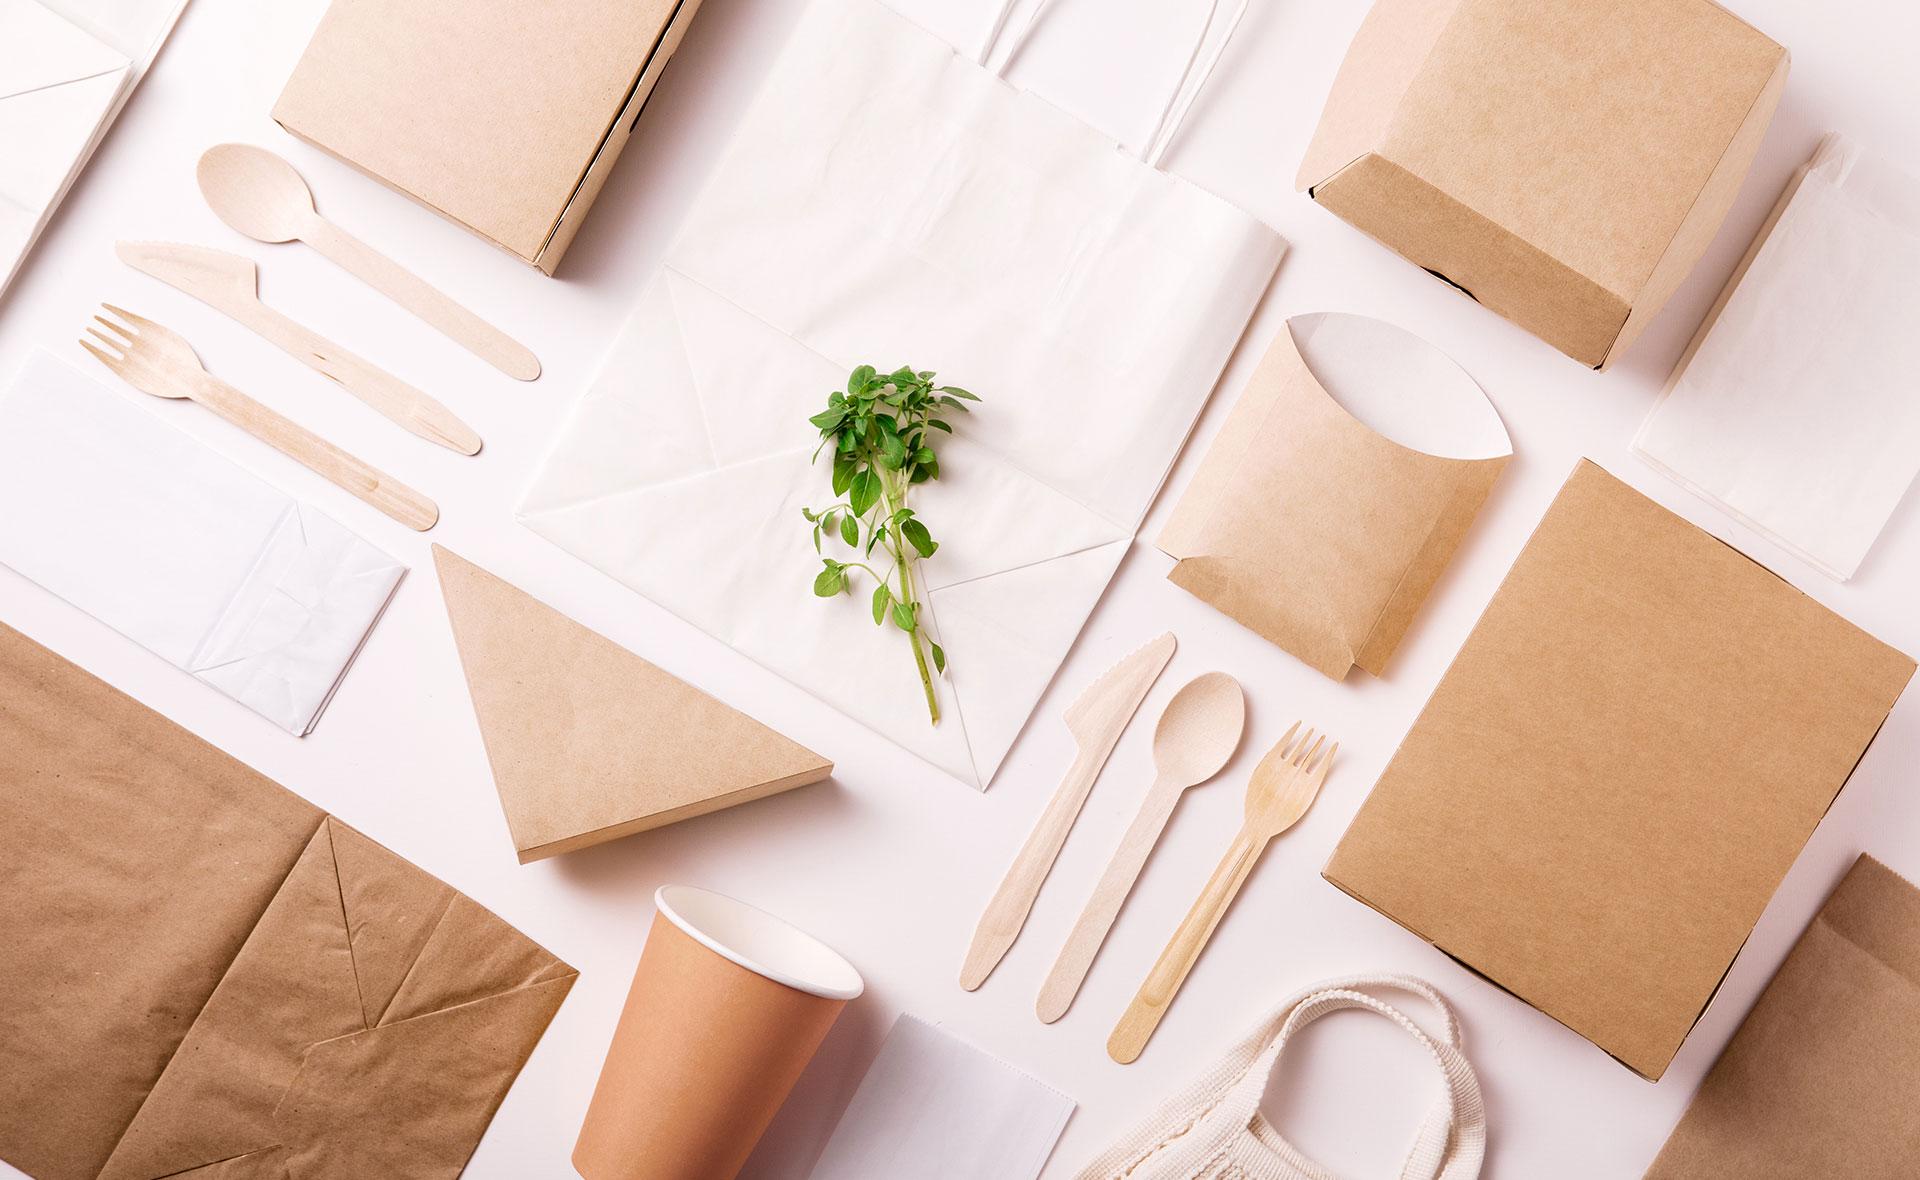 packaging_ecologico-ciclos-vida-cuidado-planeta